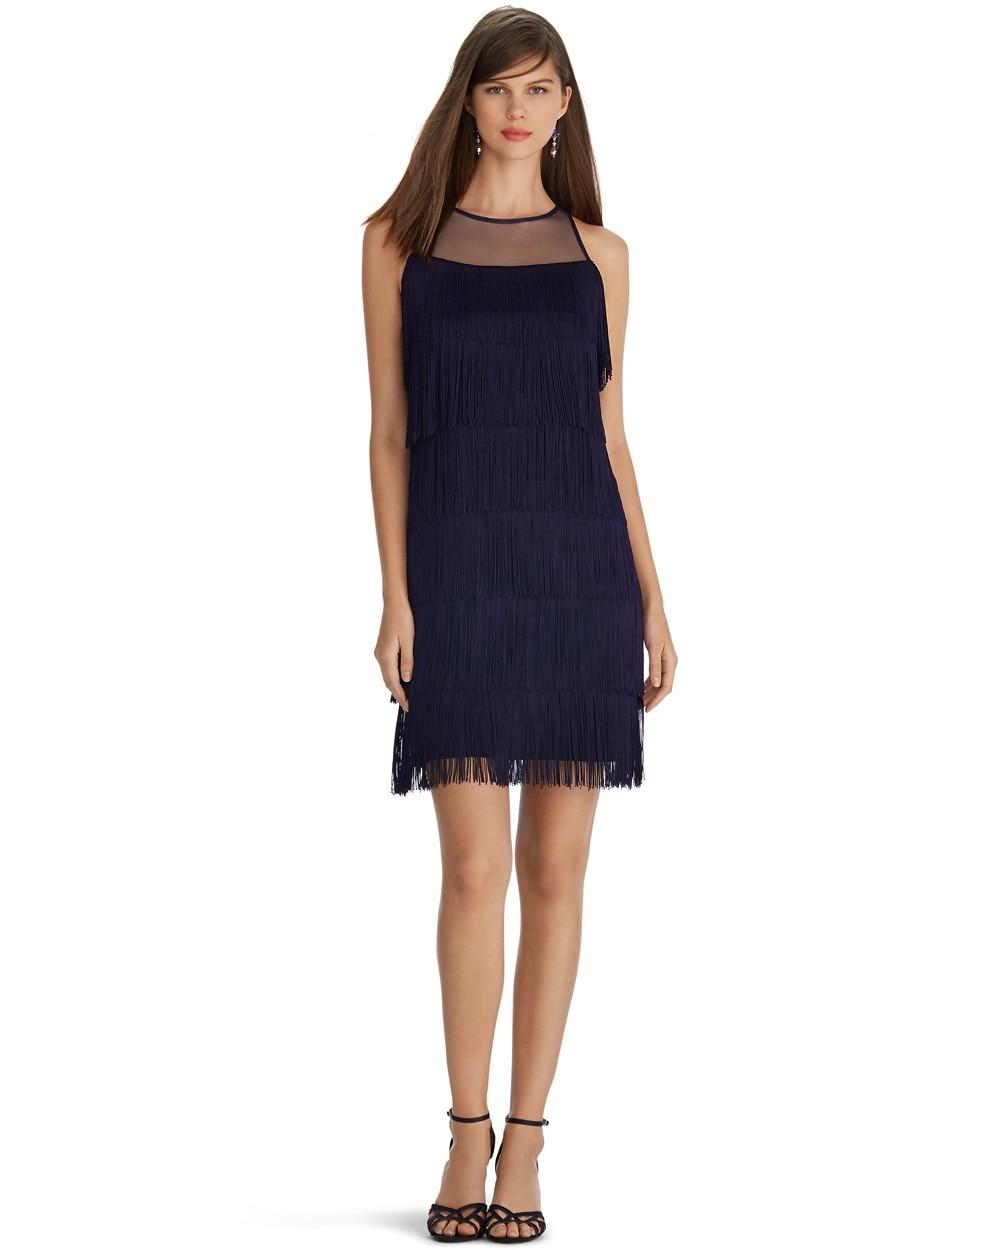 Blue Dress with Fringe